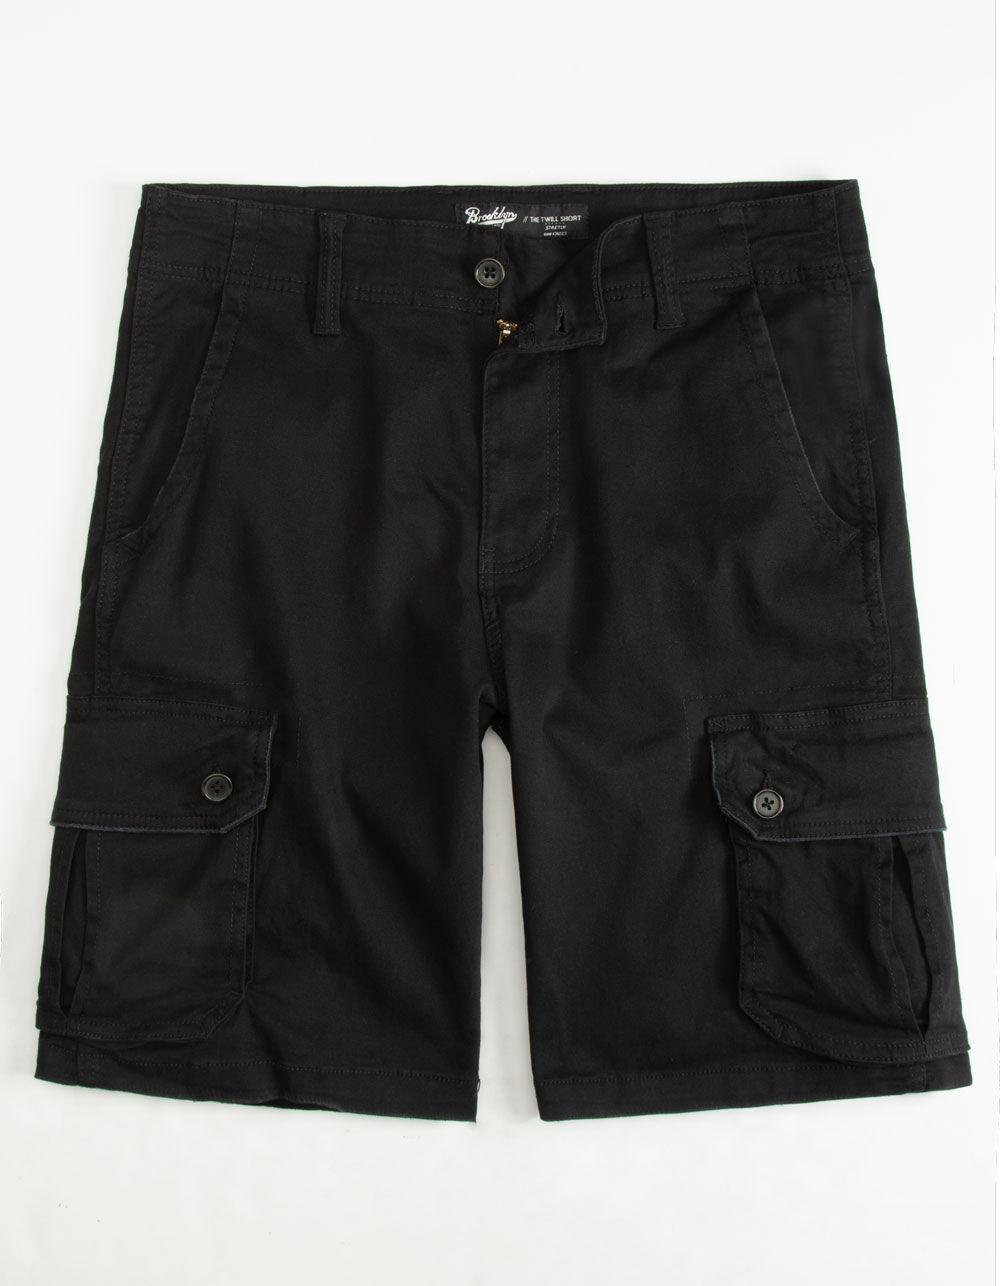 BROOKLYN CLOTH Black Cargo Shorts